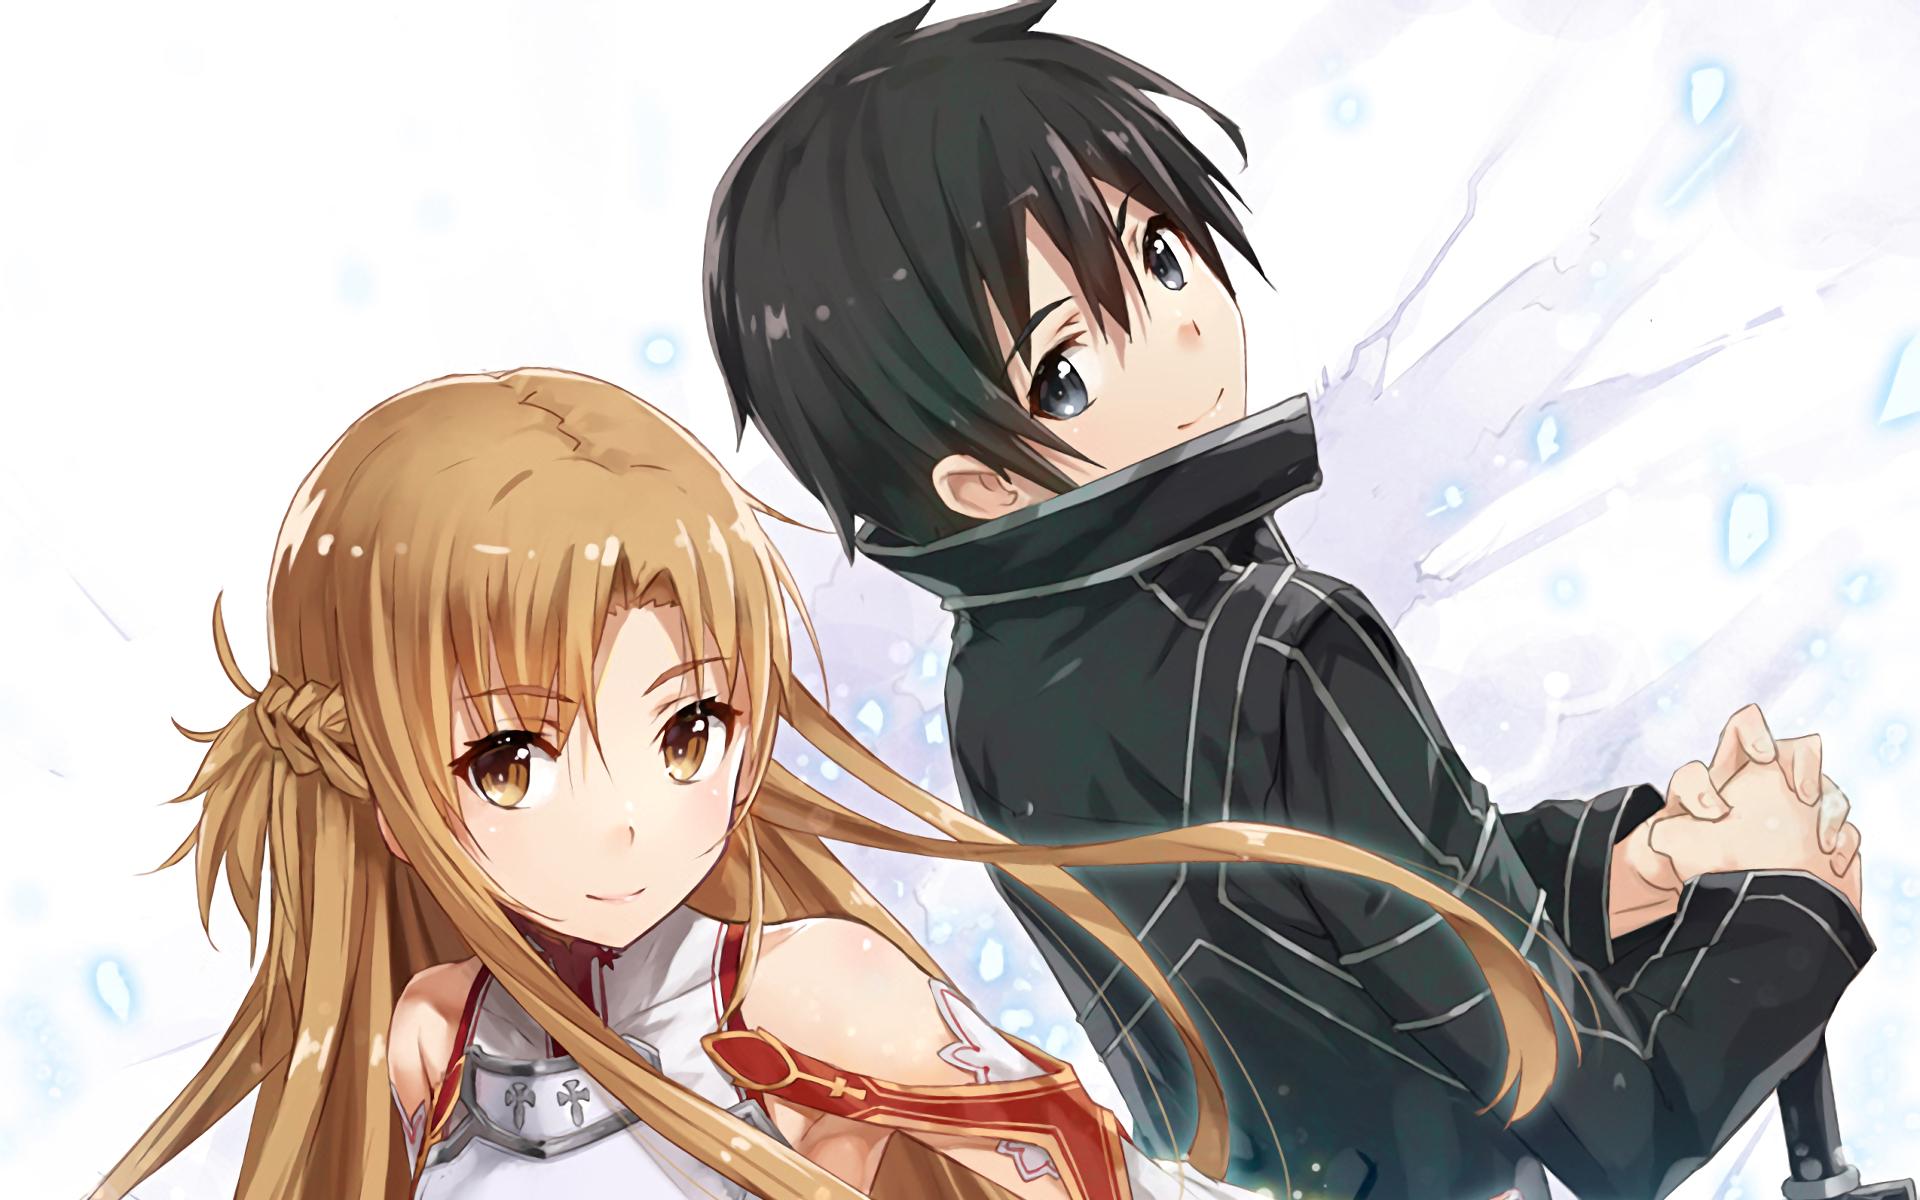 Hình Kirito và Asuna cực đẹp